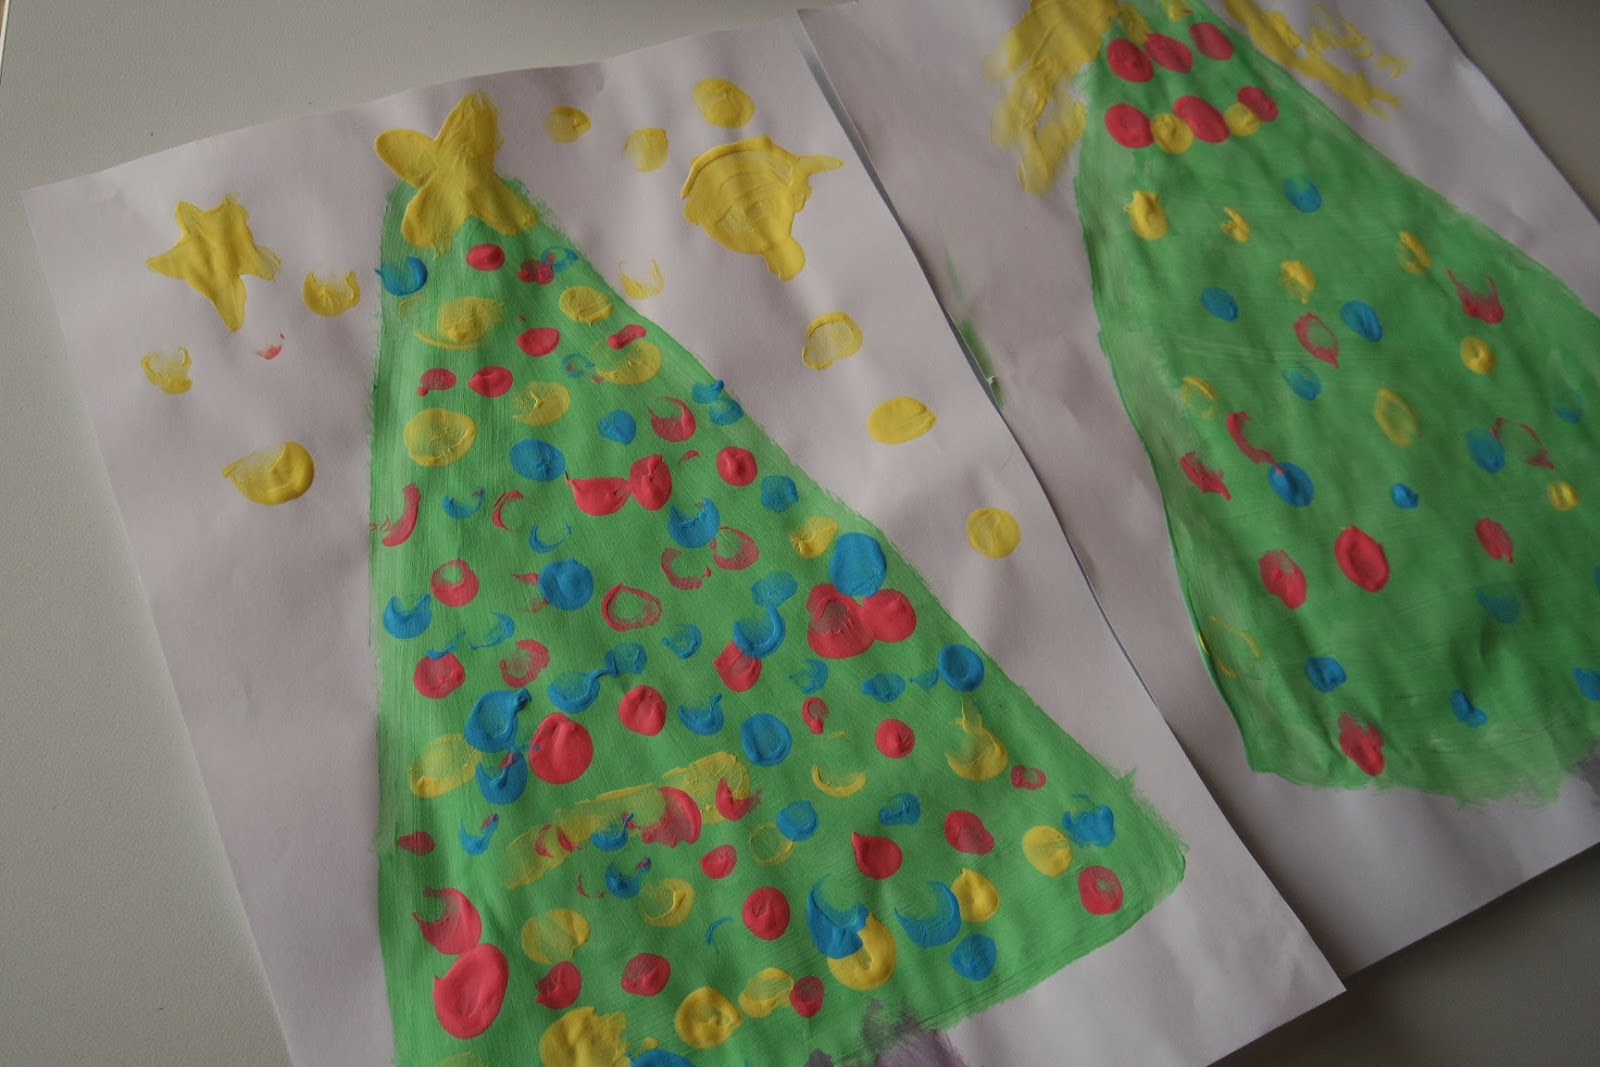 Fingerfarbe Weihnachten.Pamelopee Kinder Malen Weihnachtsbilder Mit Fingerfarben